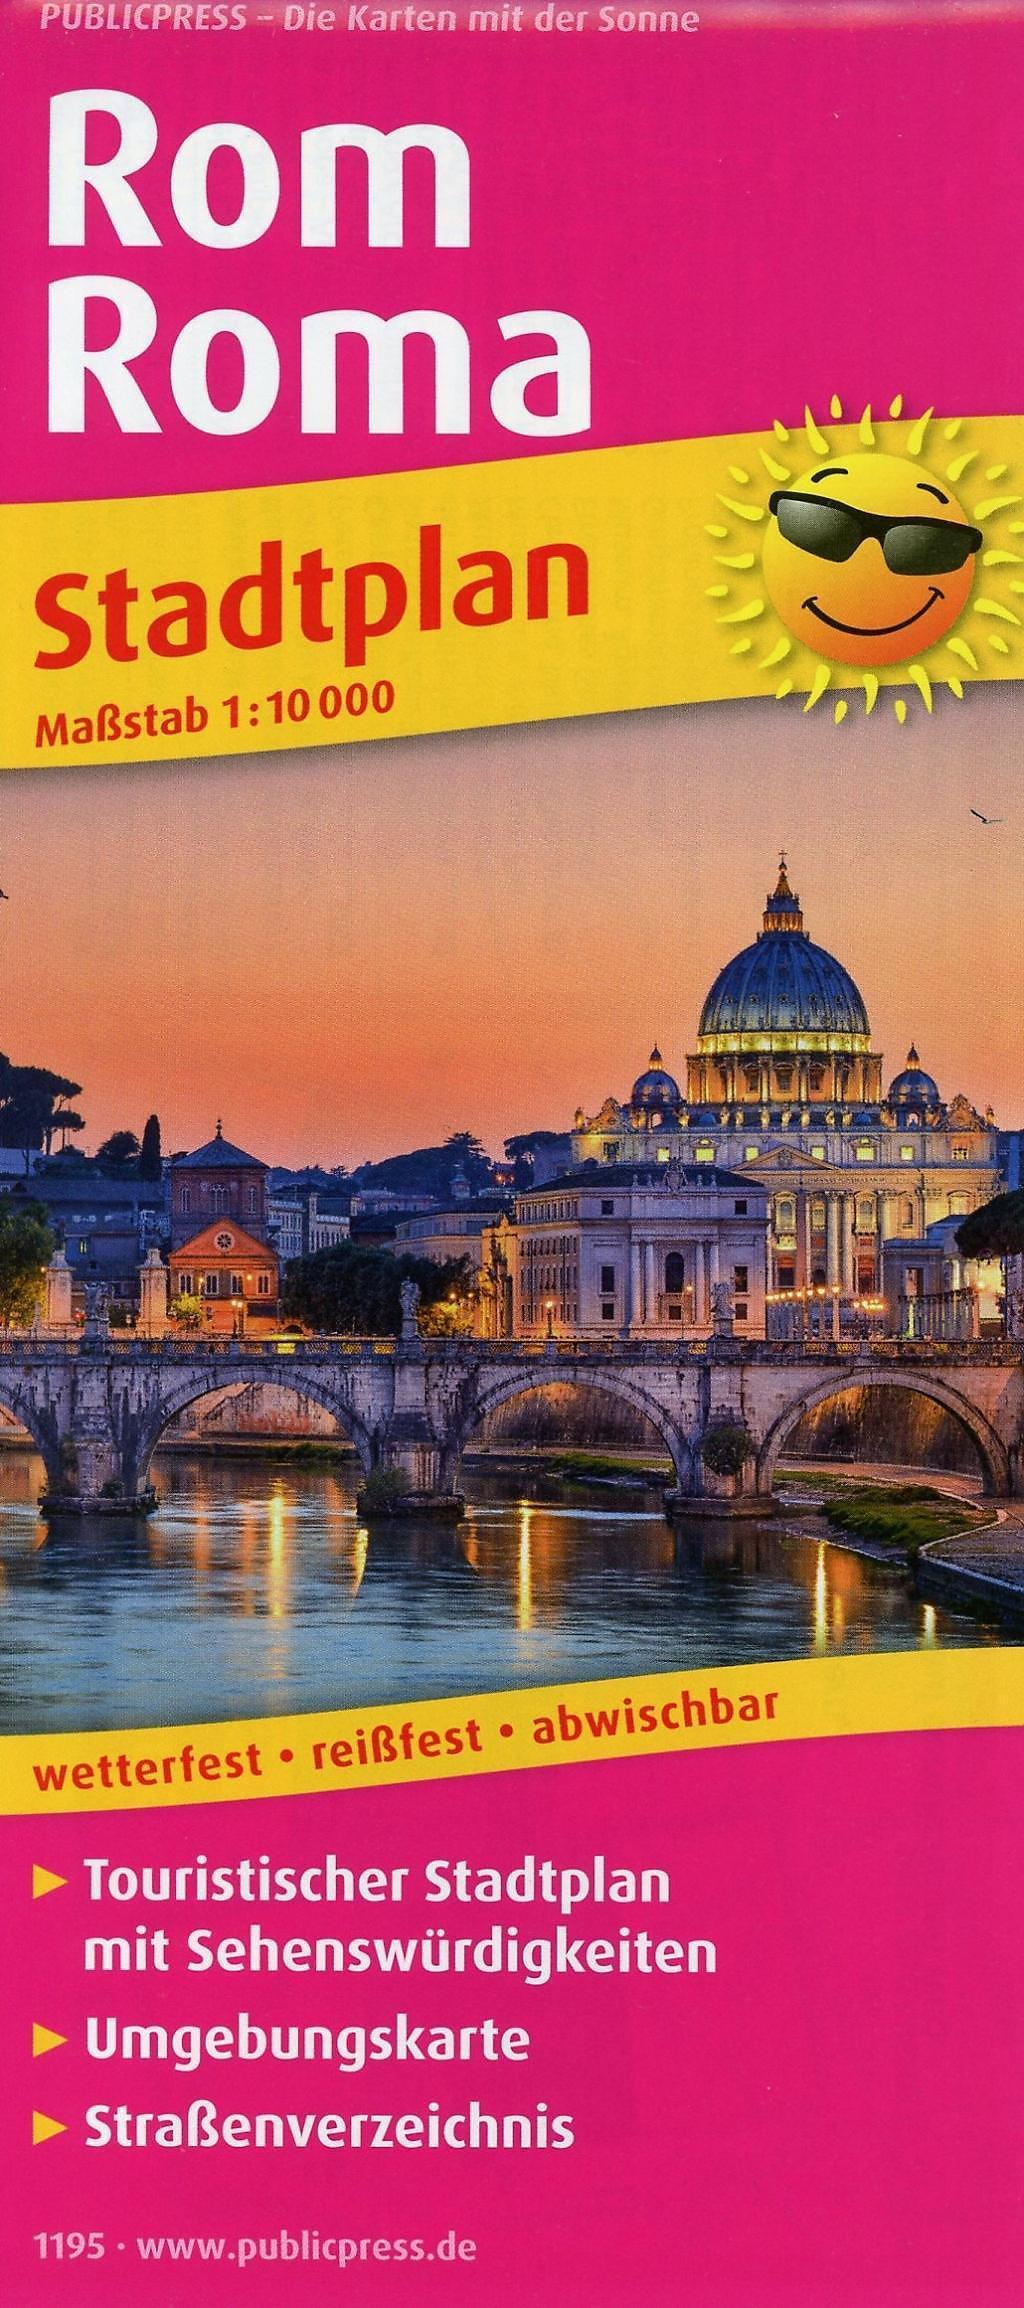 Rom Sehenswürdigkeiten Karte Deutsch.Publicpress Stadtplan Rom Roma Buch Bei Weltbild De Bestellen